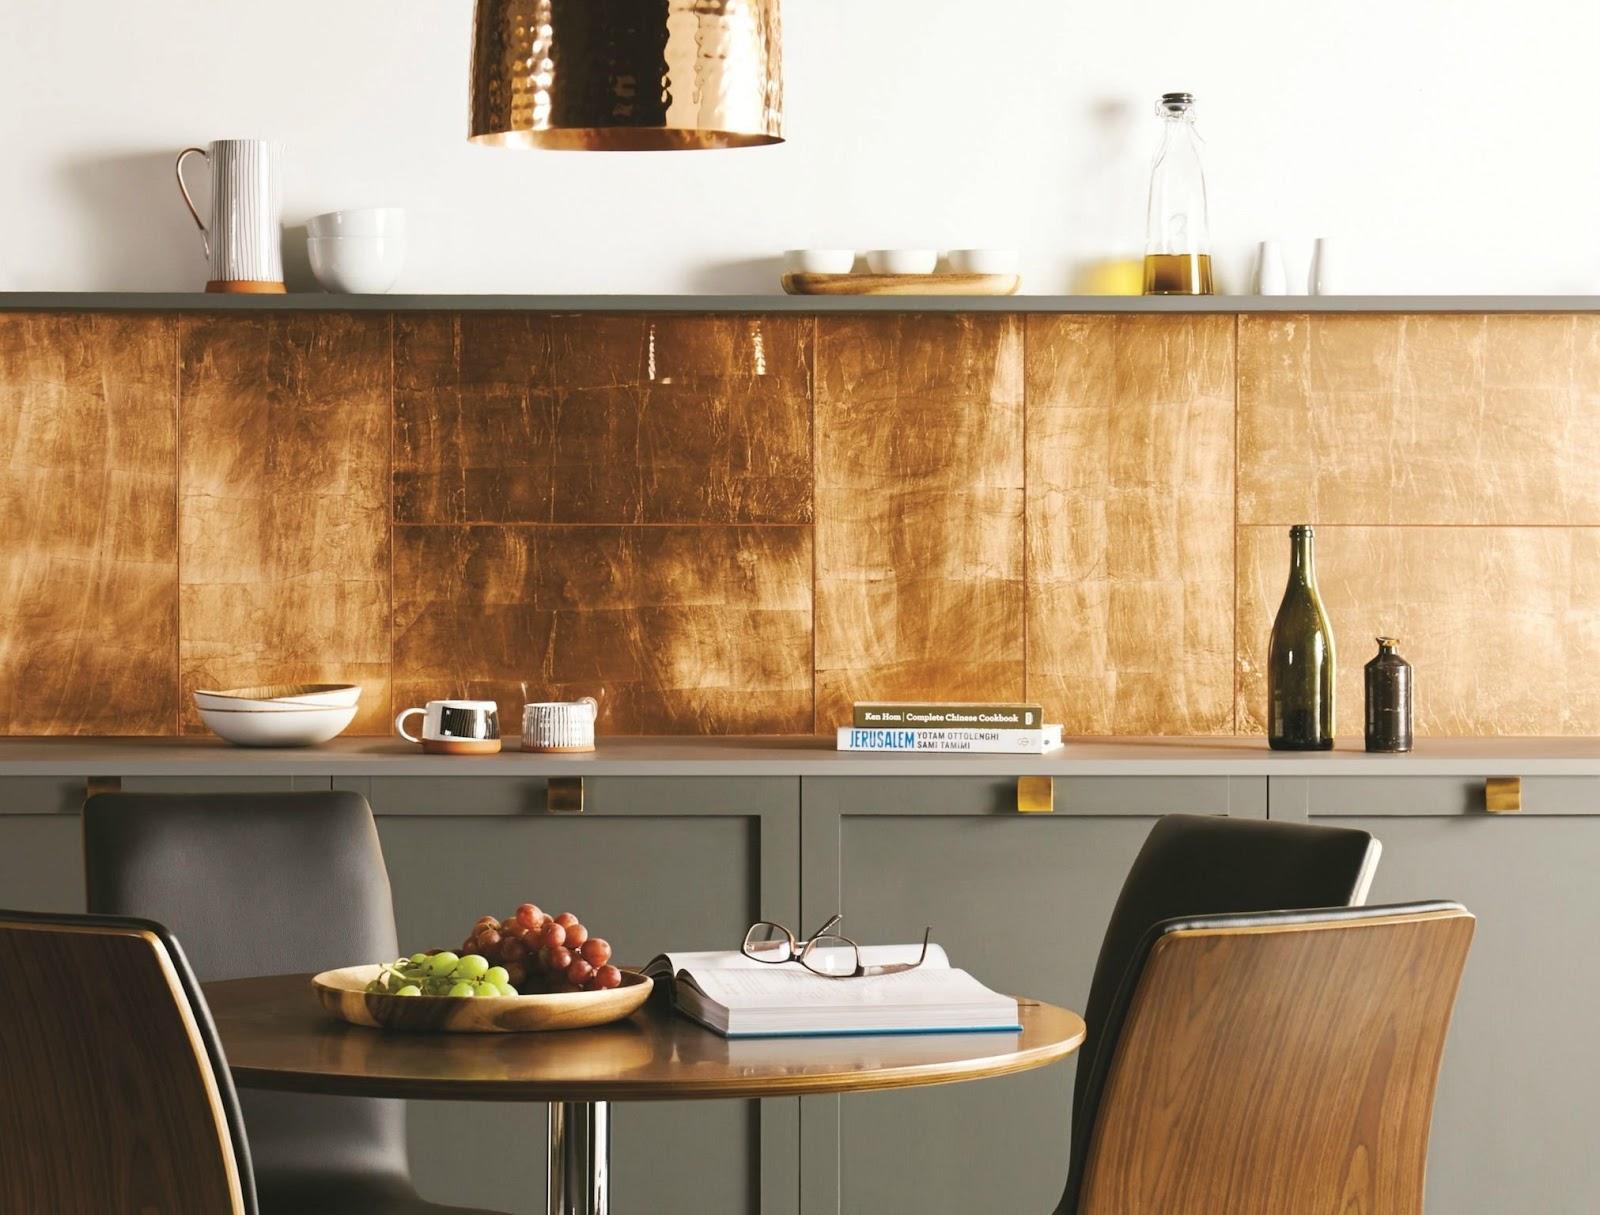 Sơn hiệu ứng Waldo - Dát vàng lá - Nghệ thuật dát vàng lá được bày trí trong không gian căn bếp ấm áp, đủ đầy